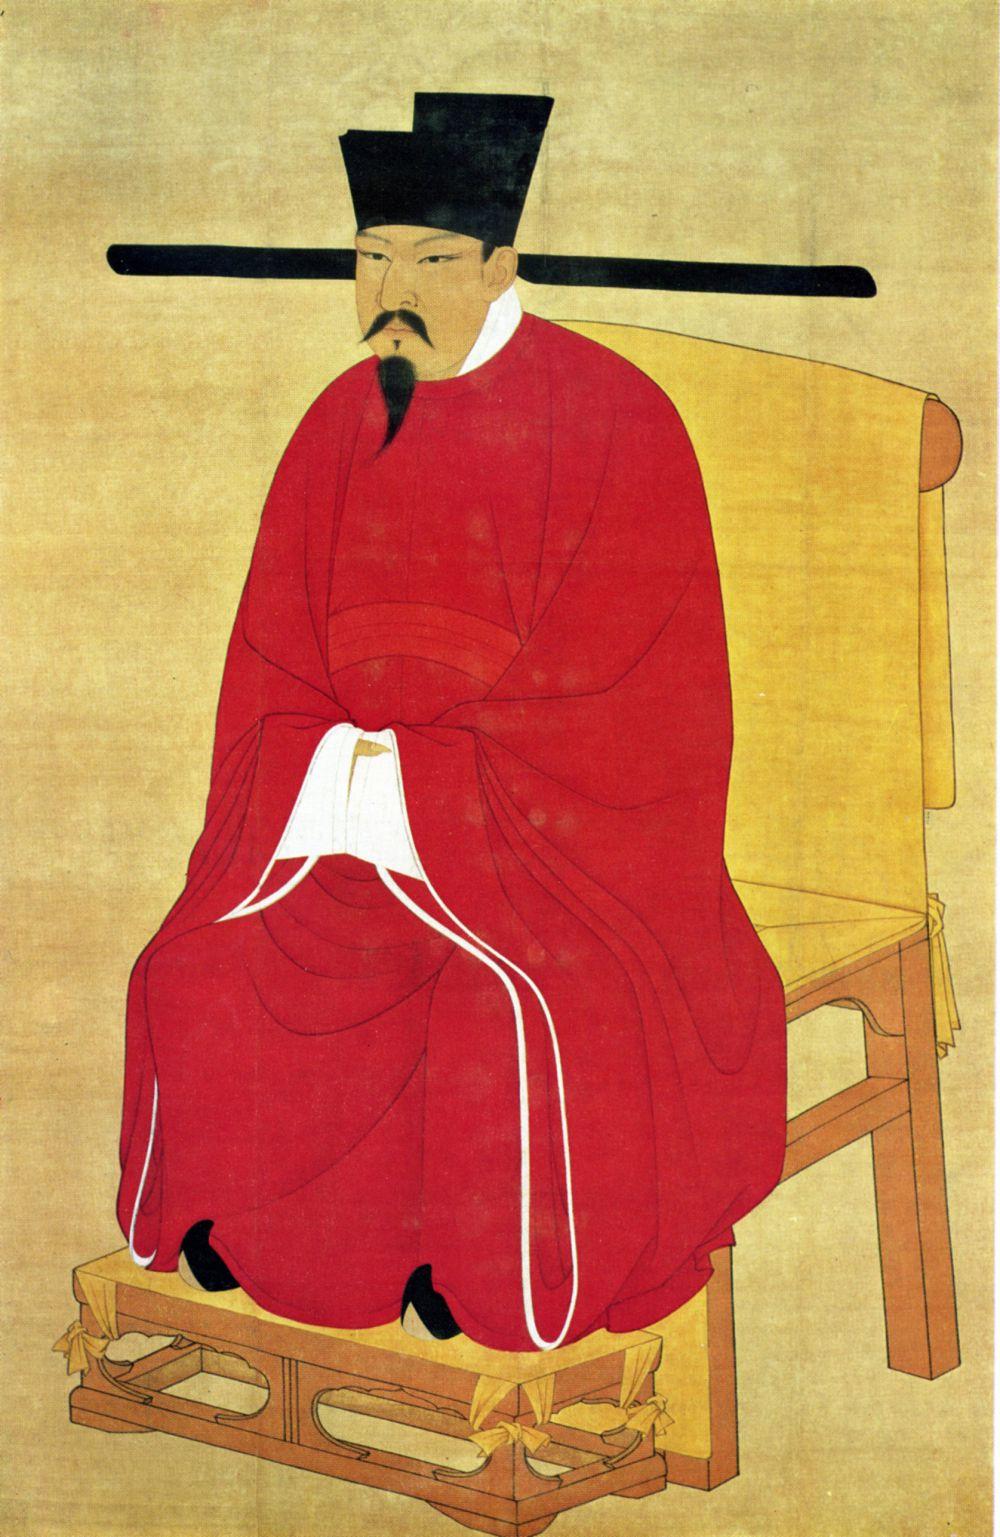 Тройку лидеров открывает китайский император Шэнь-Цзун, умерший в 1085 году. Он управлял империей, производившей до 30 процентов мирового ВВП.